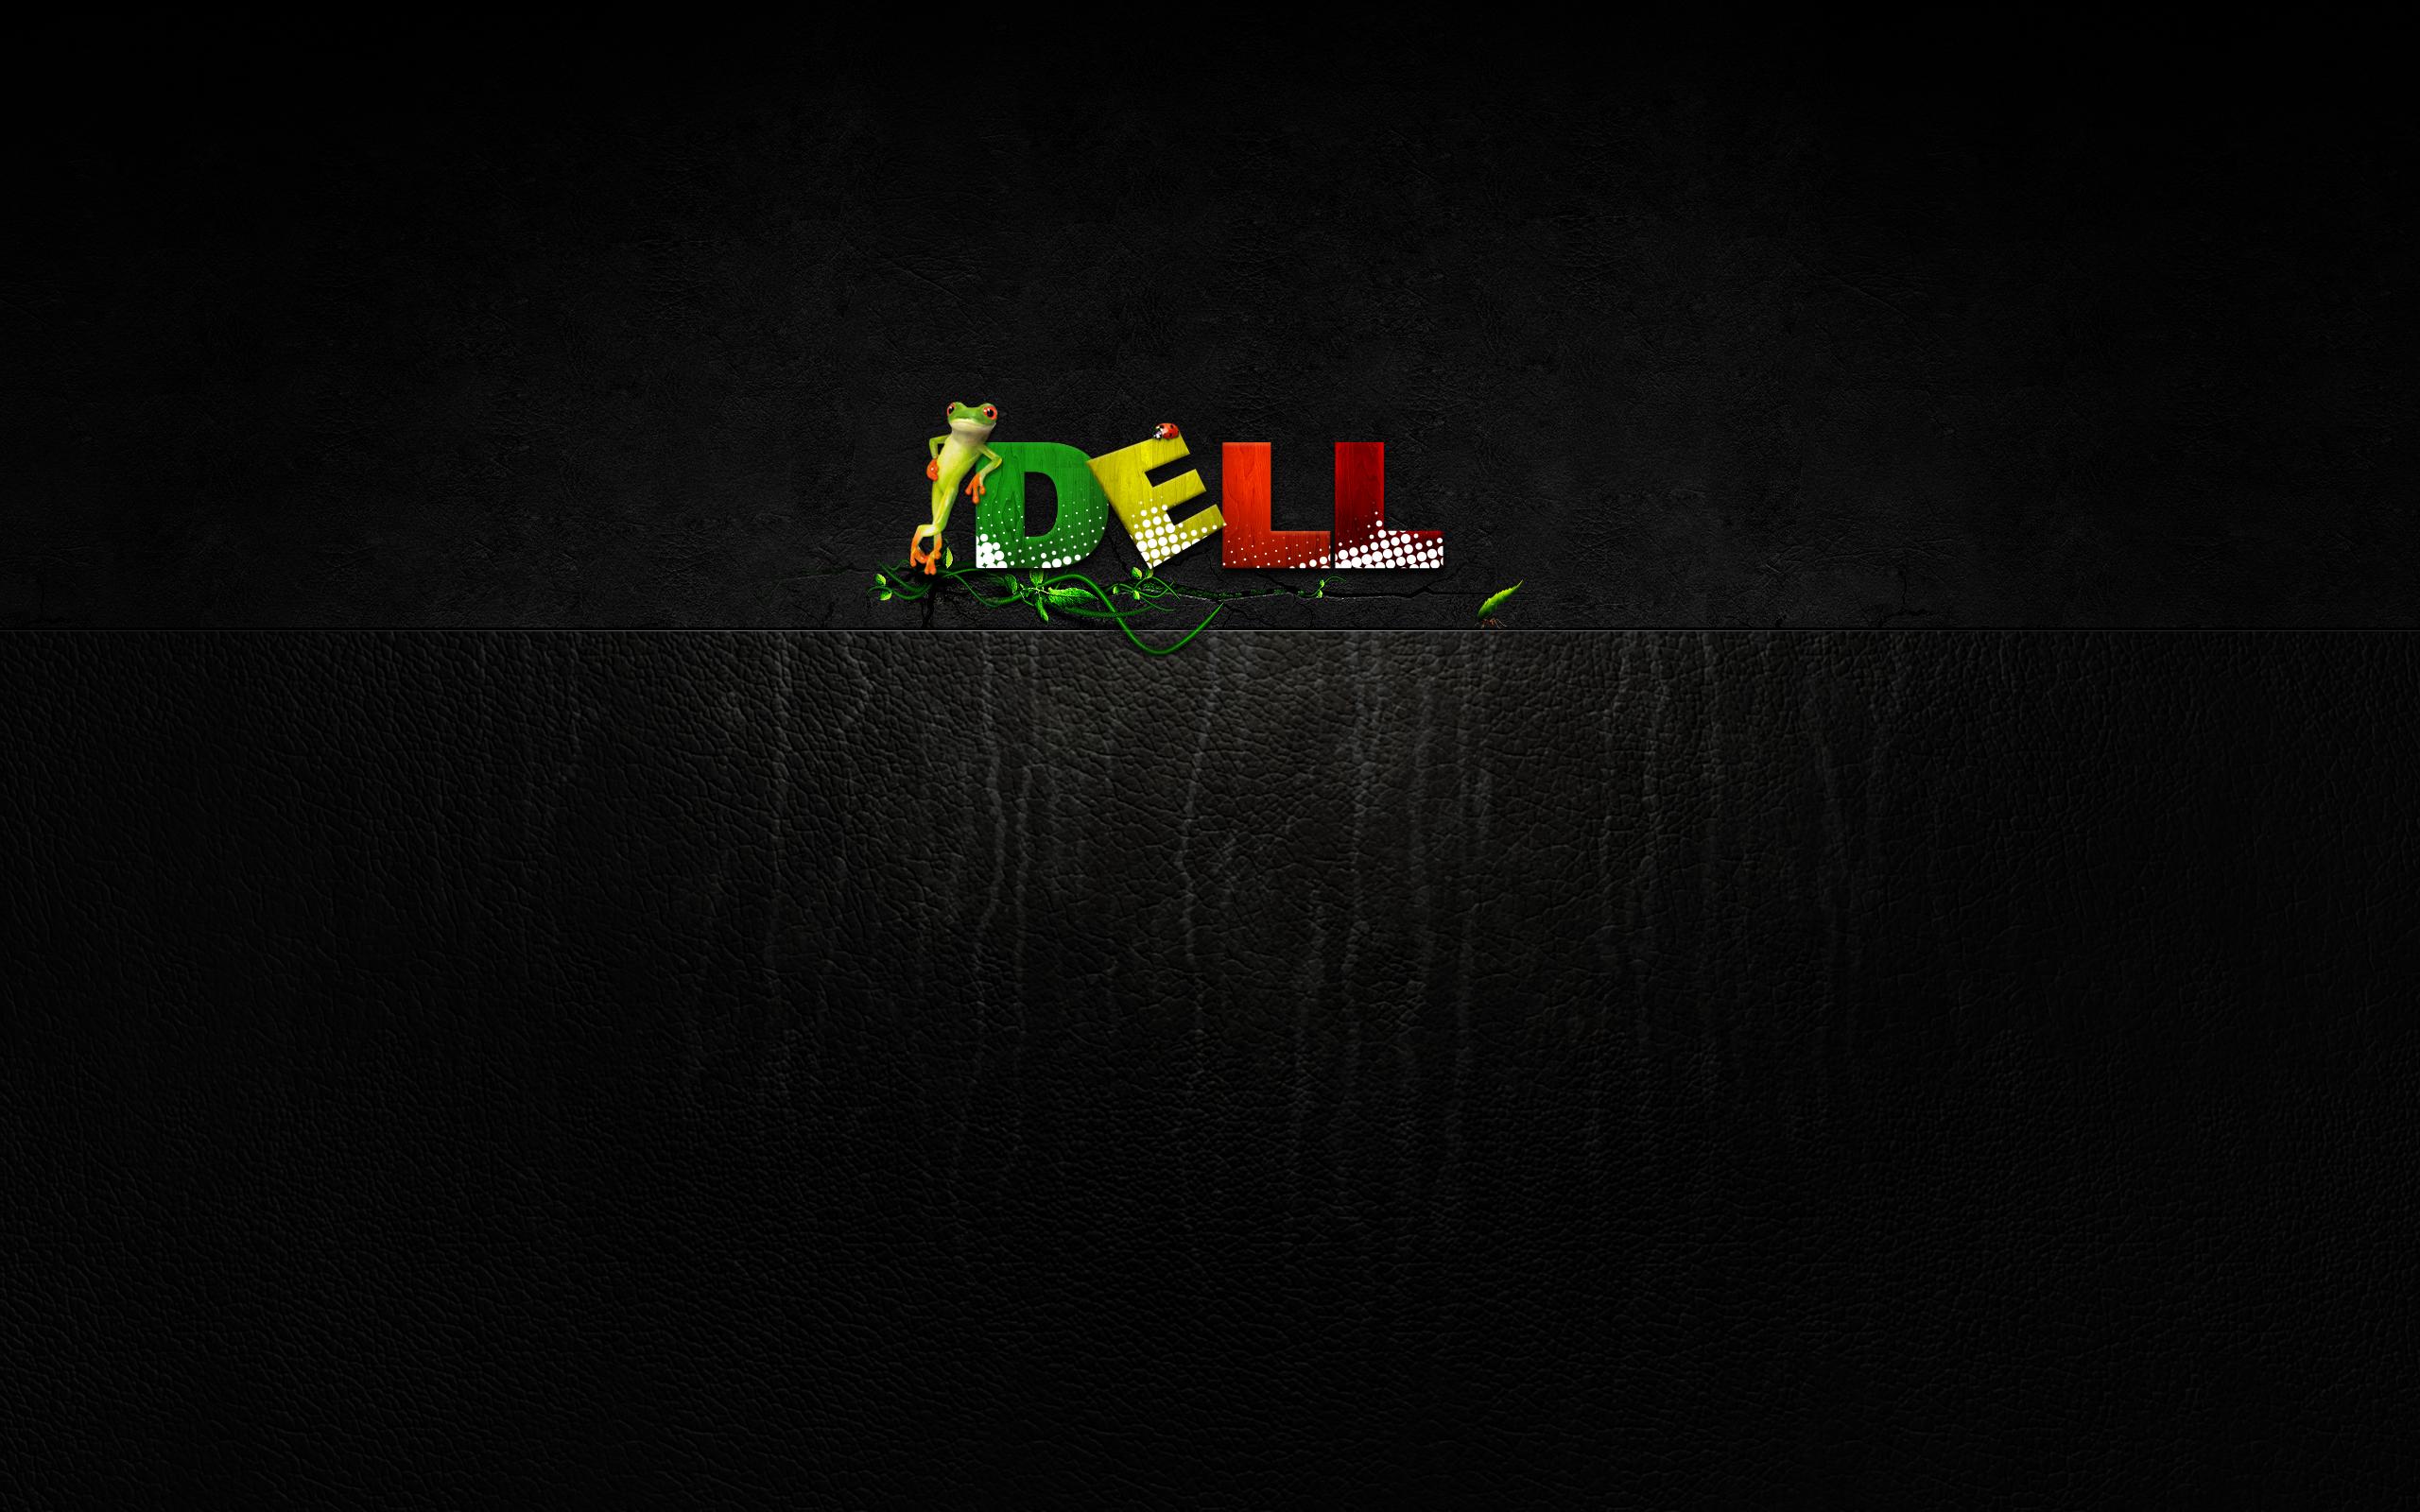 art dell logo wallpaper image